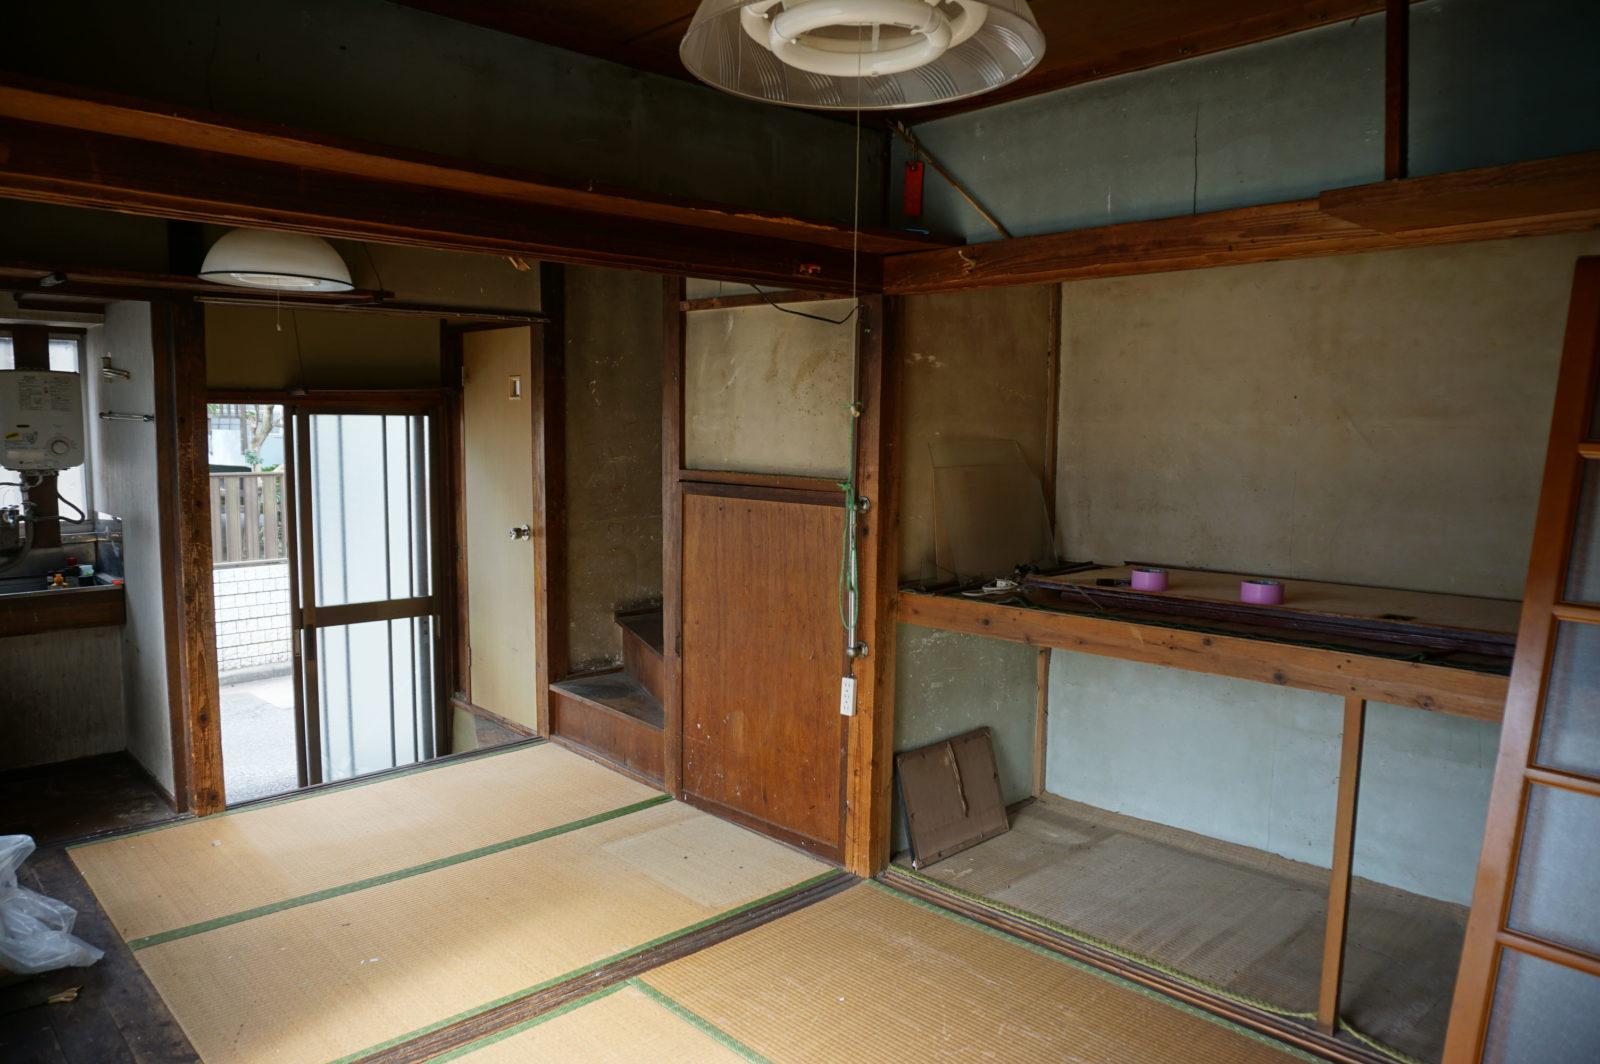 【ビフォー】1階、天井・鴨居が低く頭の当たる和室でした